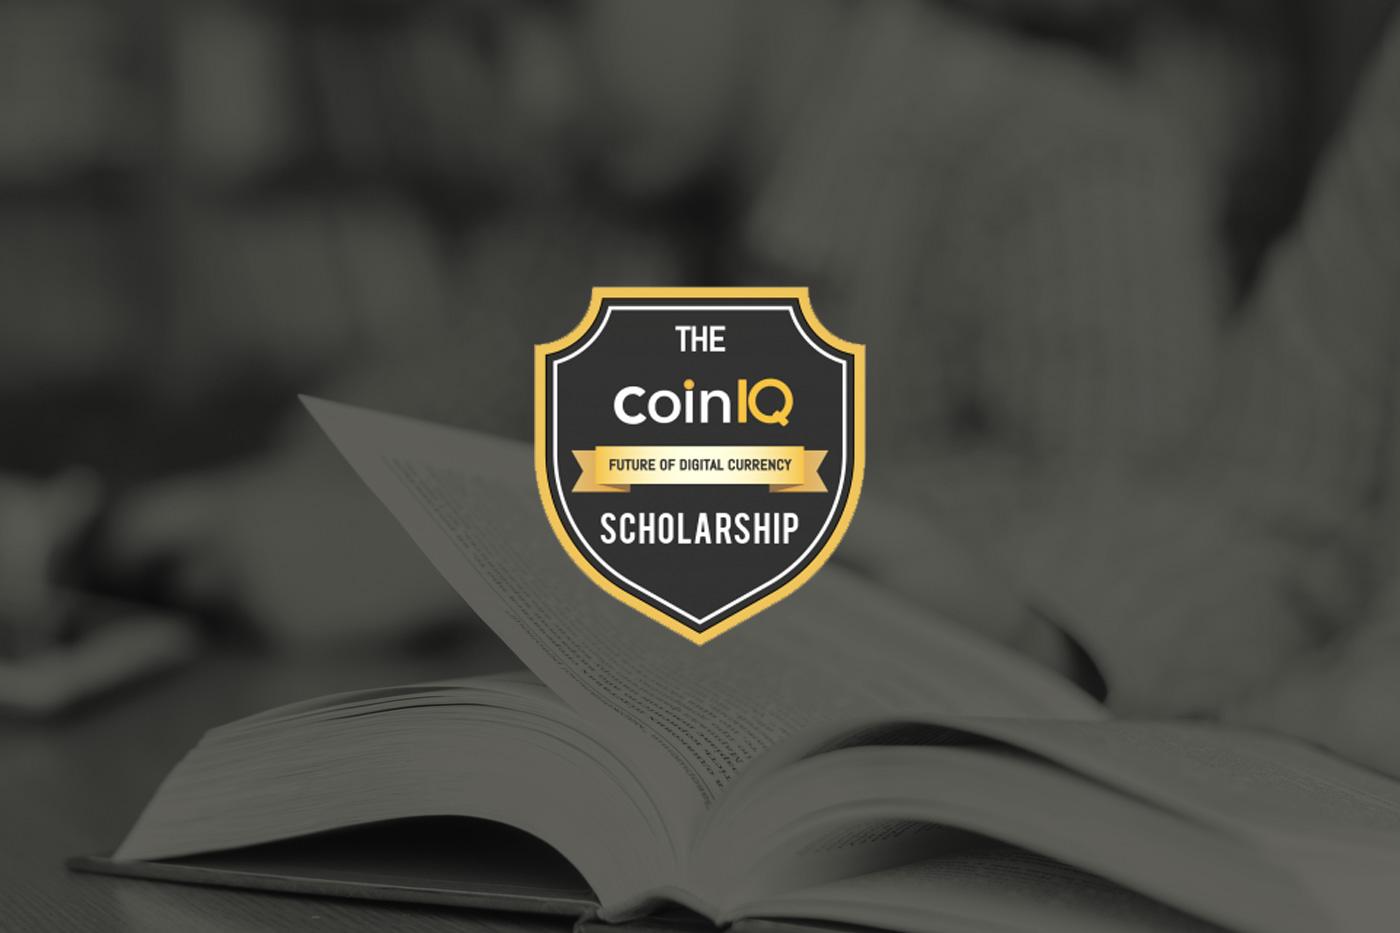 CoinIQ Scholarship